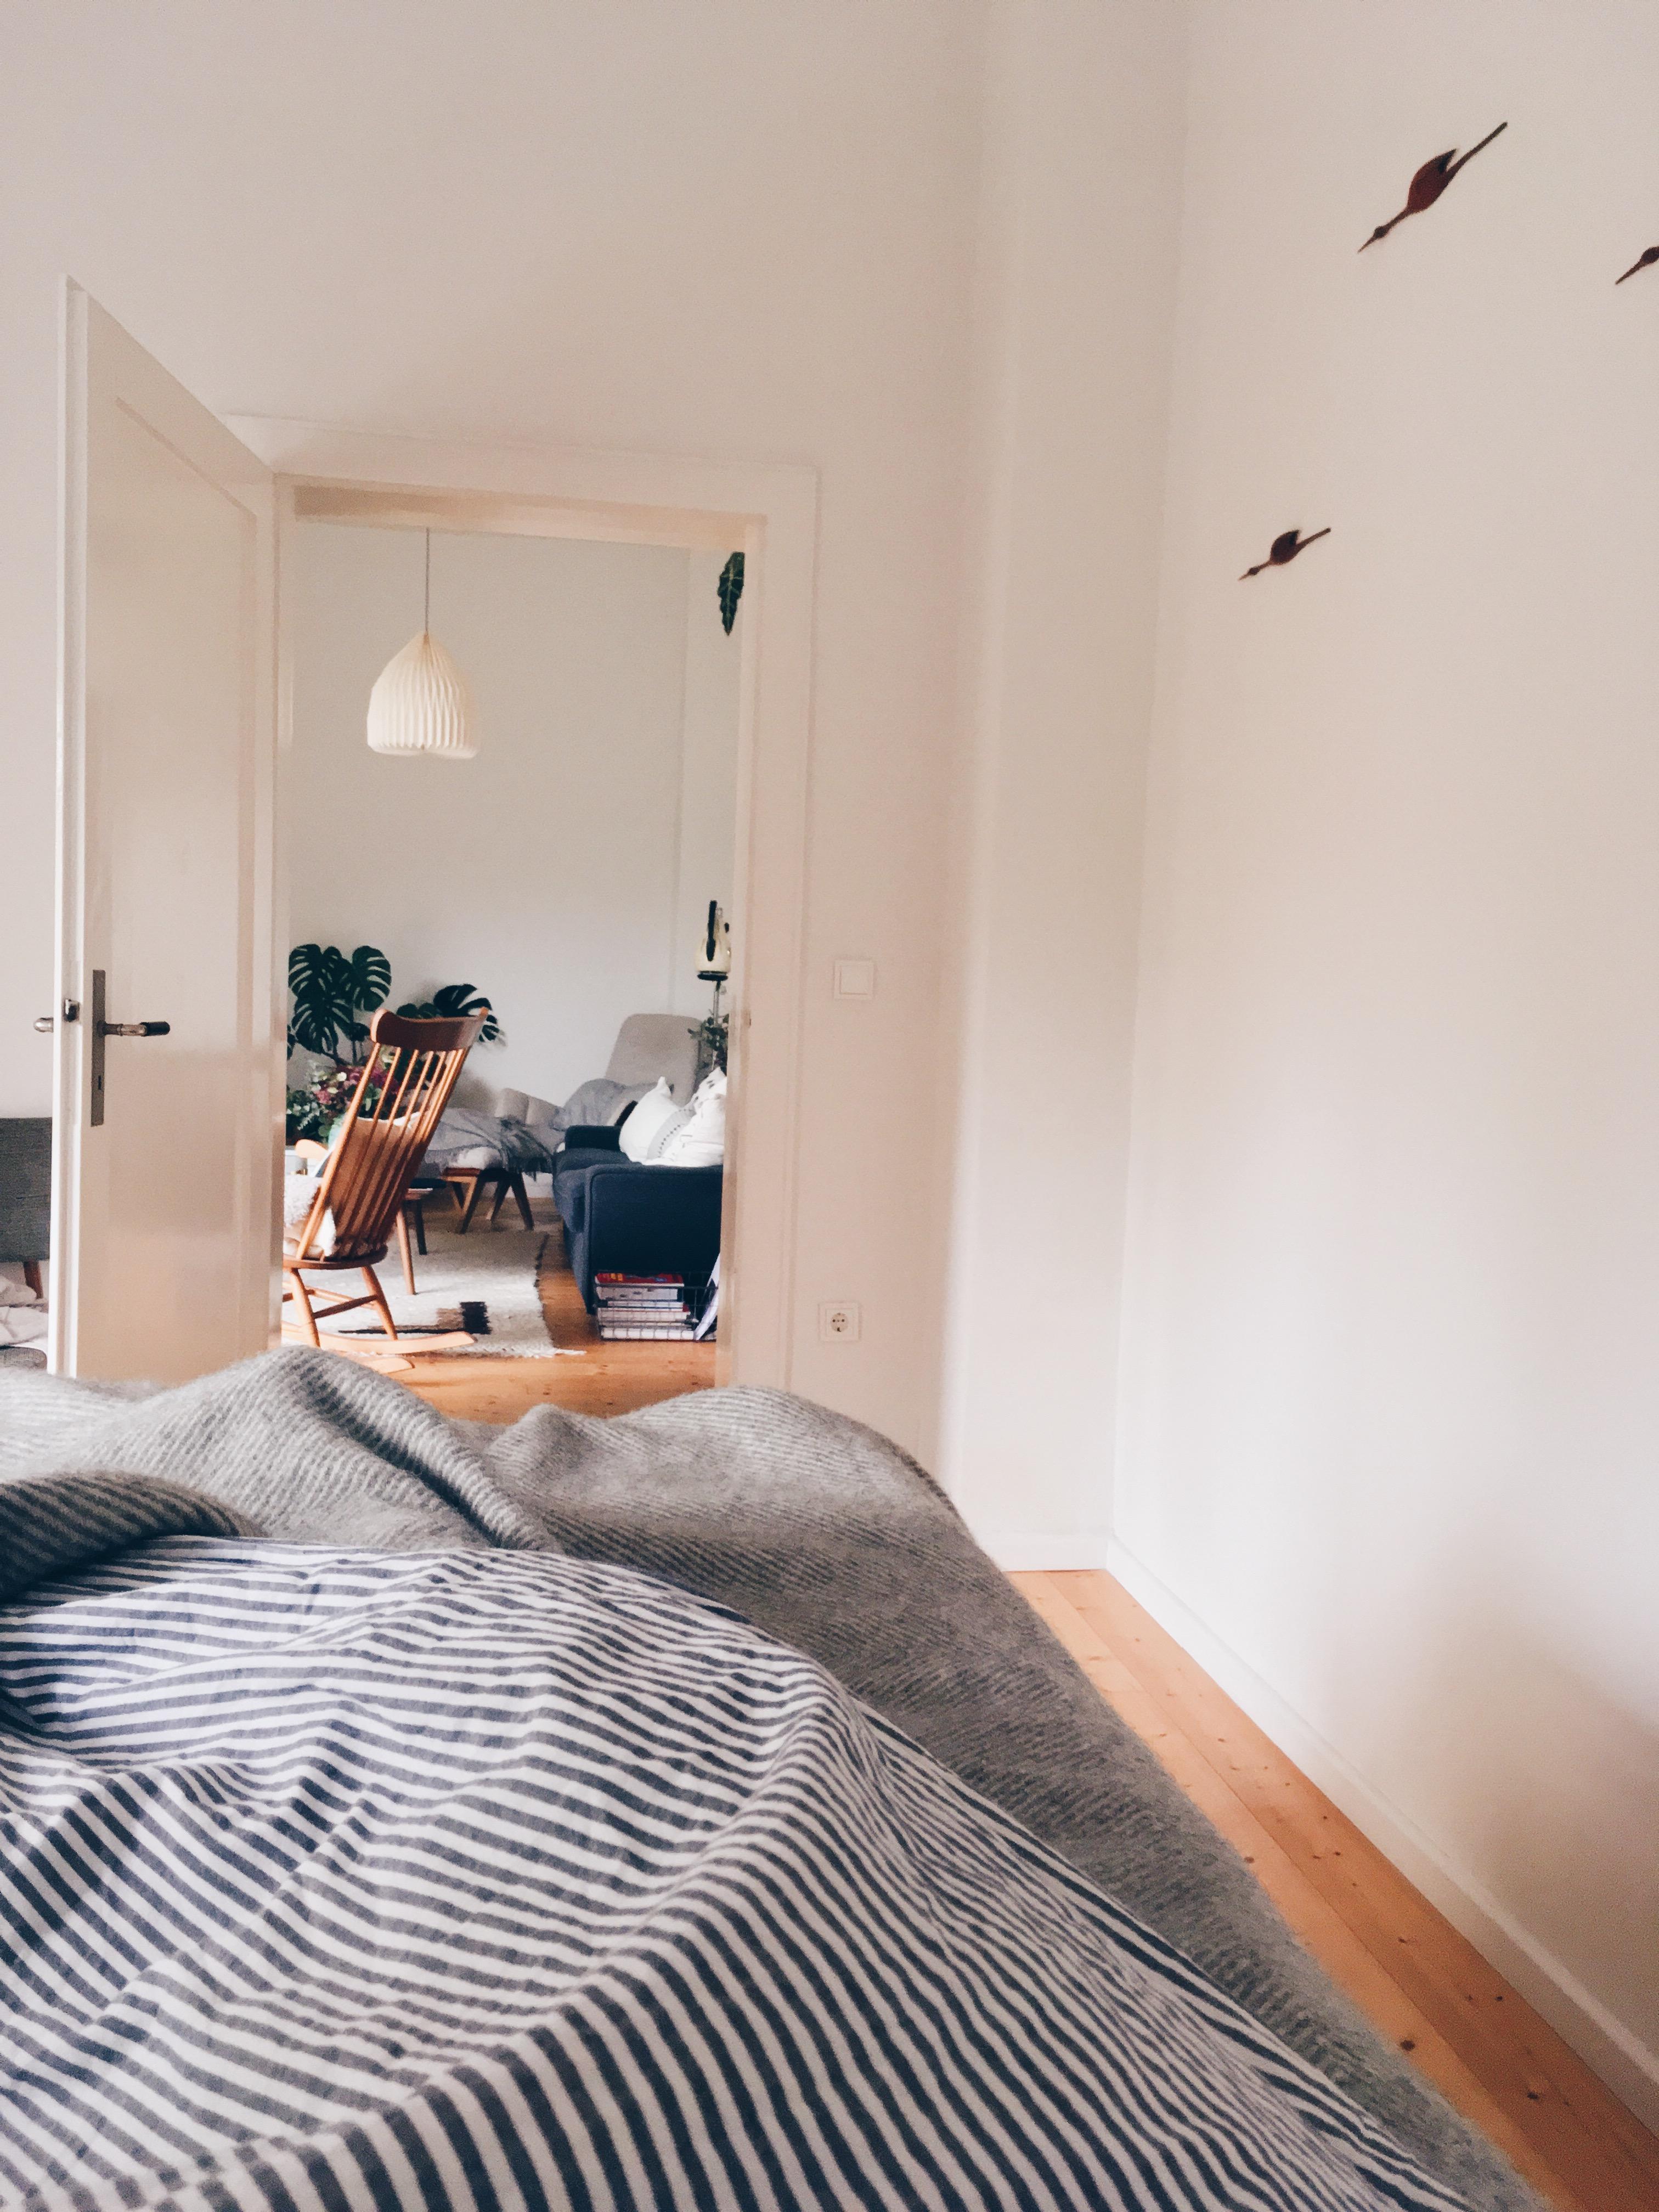 Stunning Schlafzimmer Mit Ausblick Ideen Bilder Photos ...